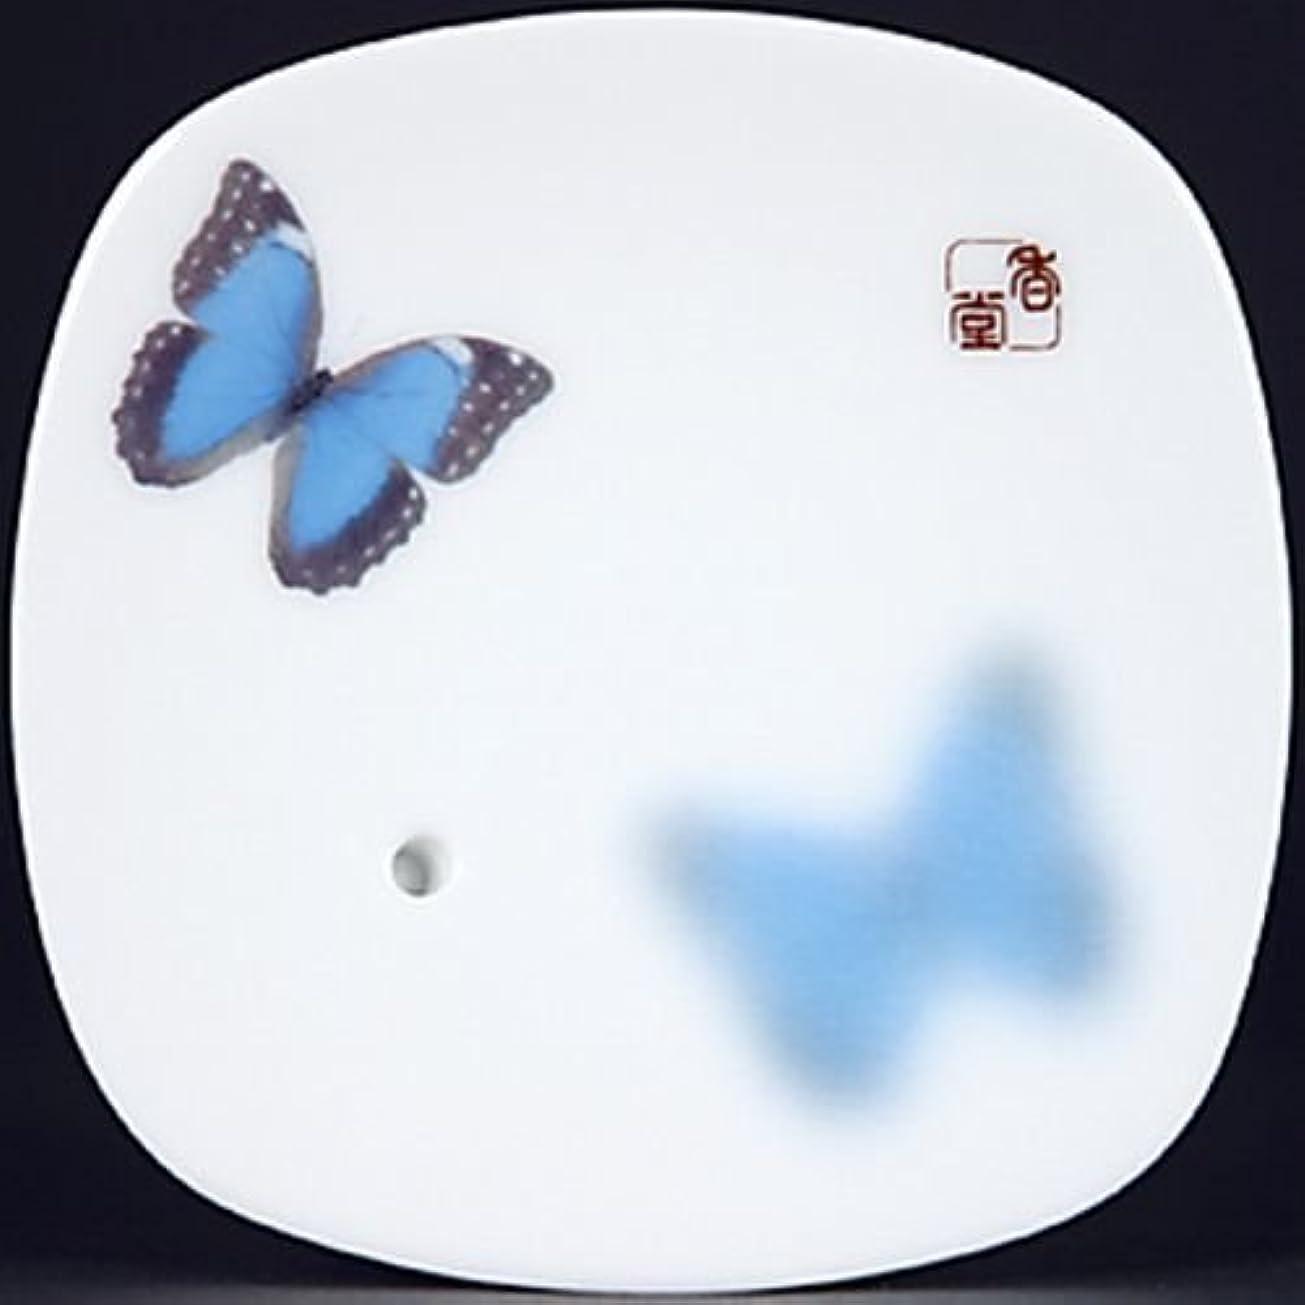 シャックル未就学オリエント【まとめ買い】【日本香堂】夢の夢 夏夜の香(なつよ) 香皿 ×2セット